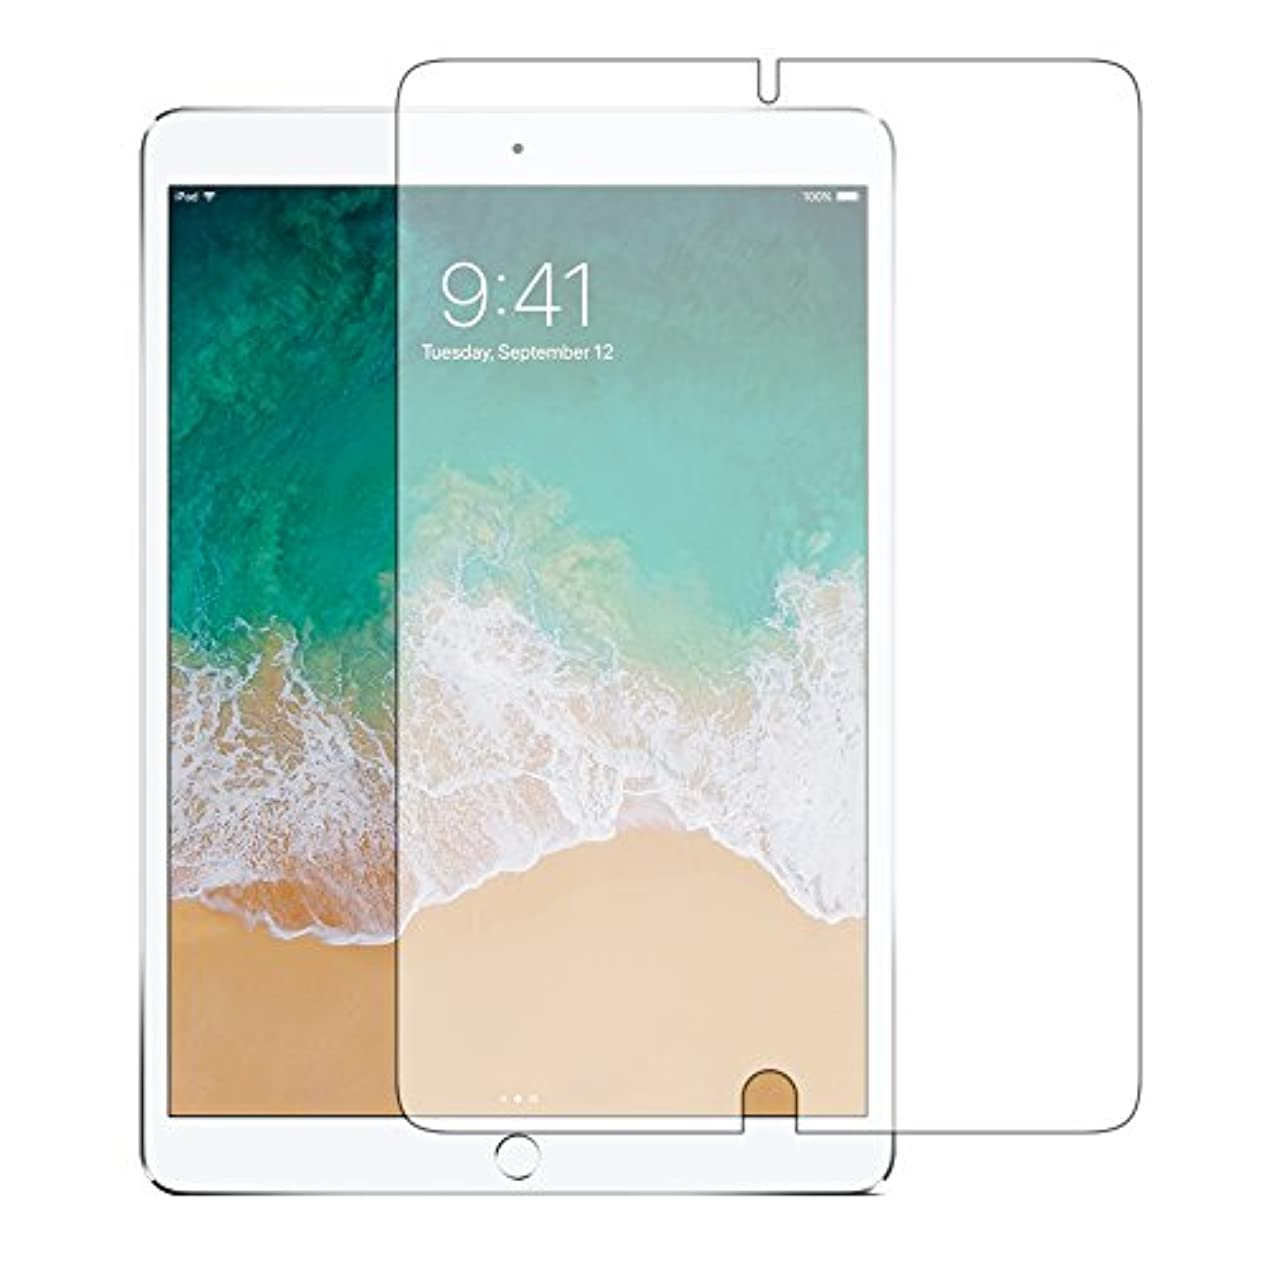 ラッカス緊急幹メディアカバーマーケット【専用】Apple iPad Pro (10.5)機種用【ペーパーライク 反射防止 液晶 保護 フィルム】